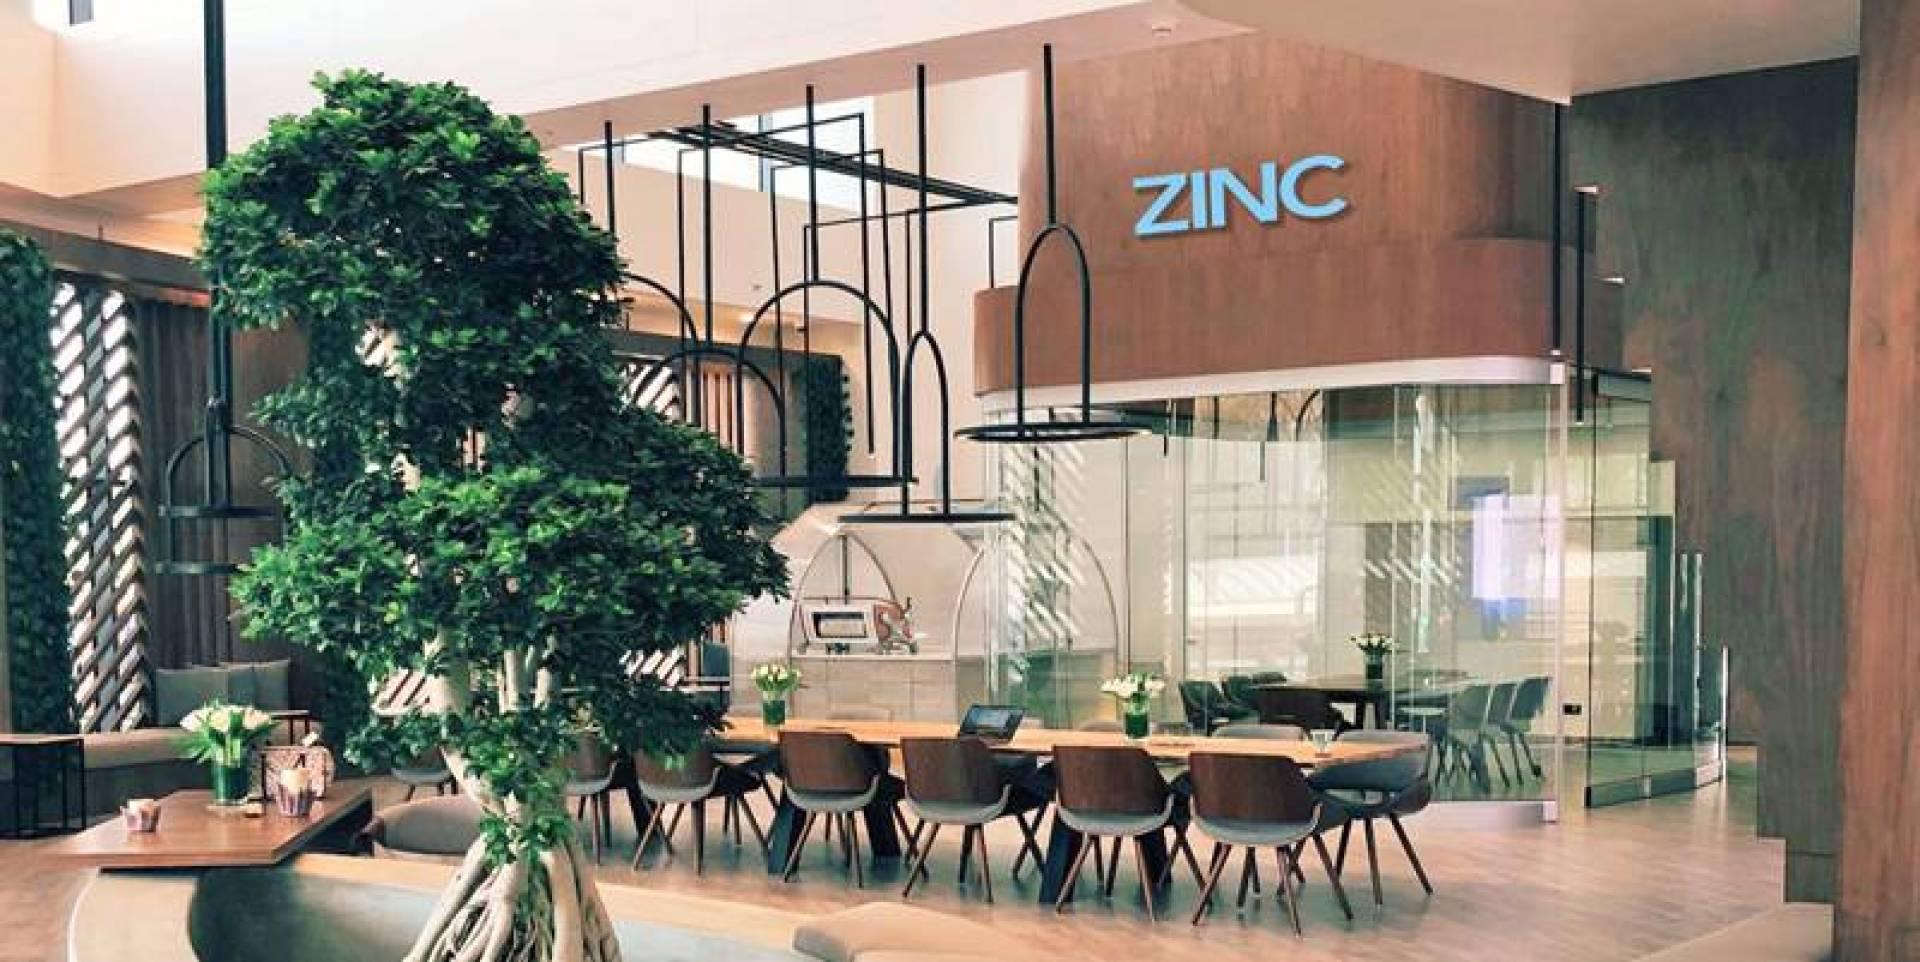 مركز زين للإبداع ZINC في الكويت